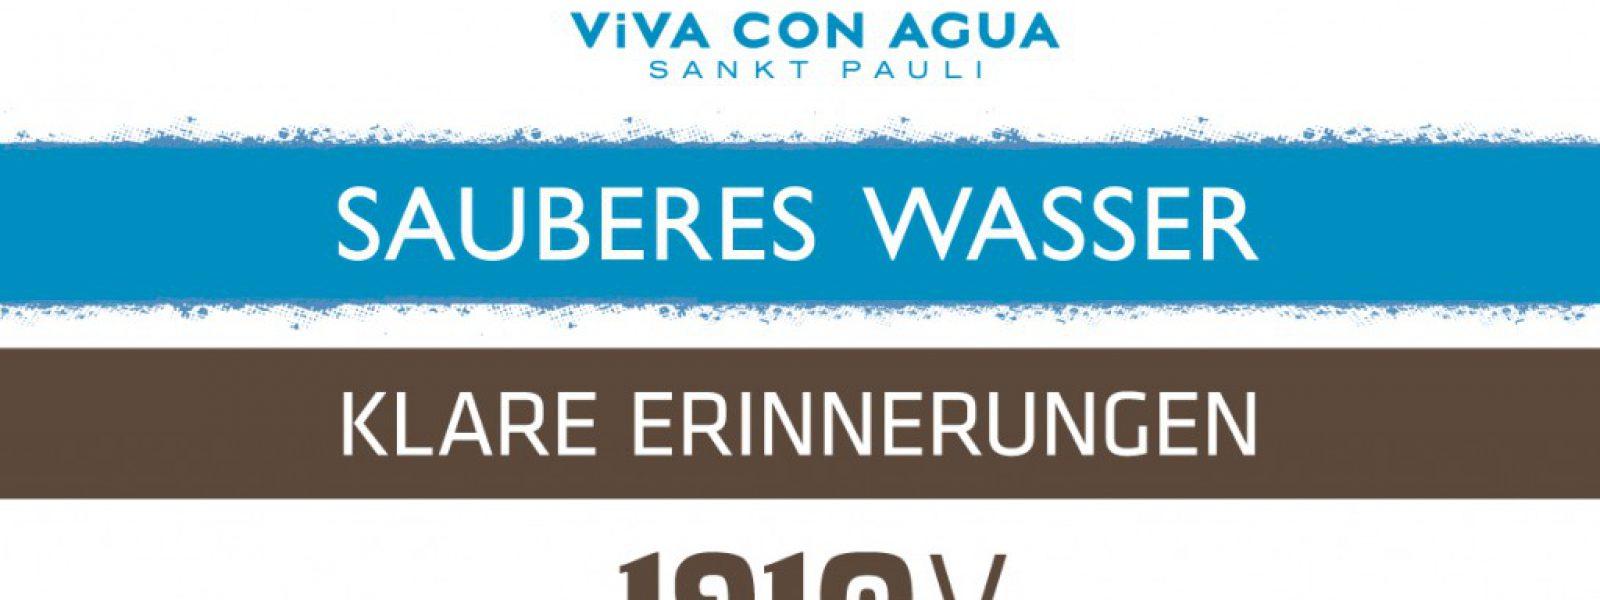 Durst bekämpfen – Museum bauen: Becherpfand-Aktion mit Viva con Agua